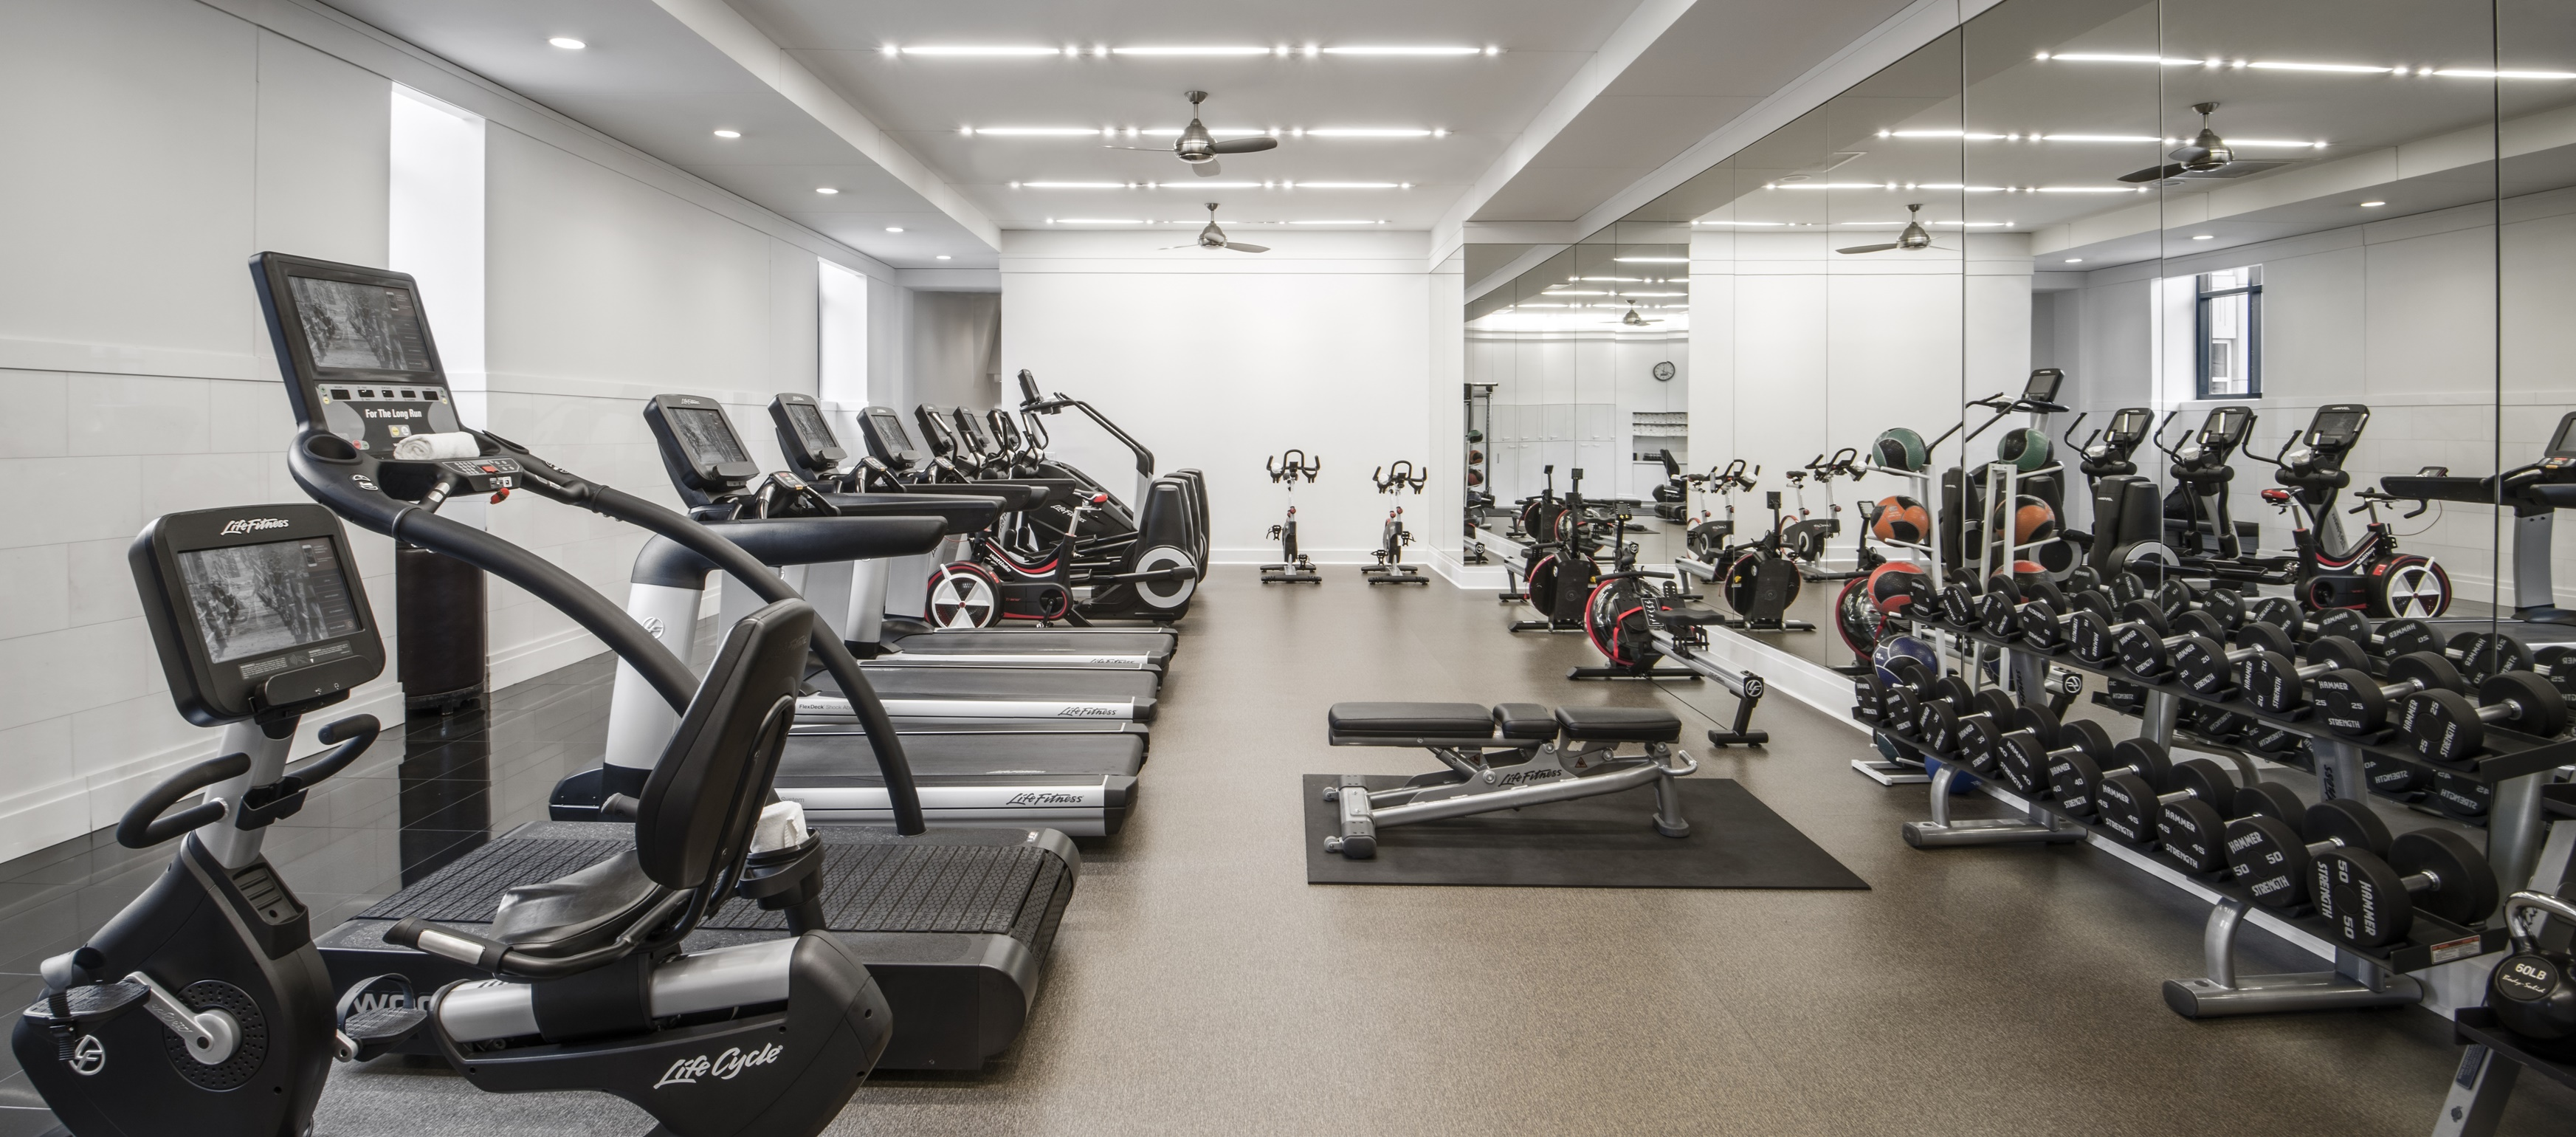 Health club chicago waldorf astoria chicago fitness center for Gimnasio fitness club